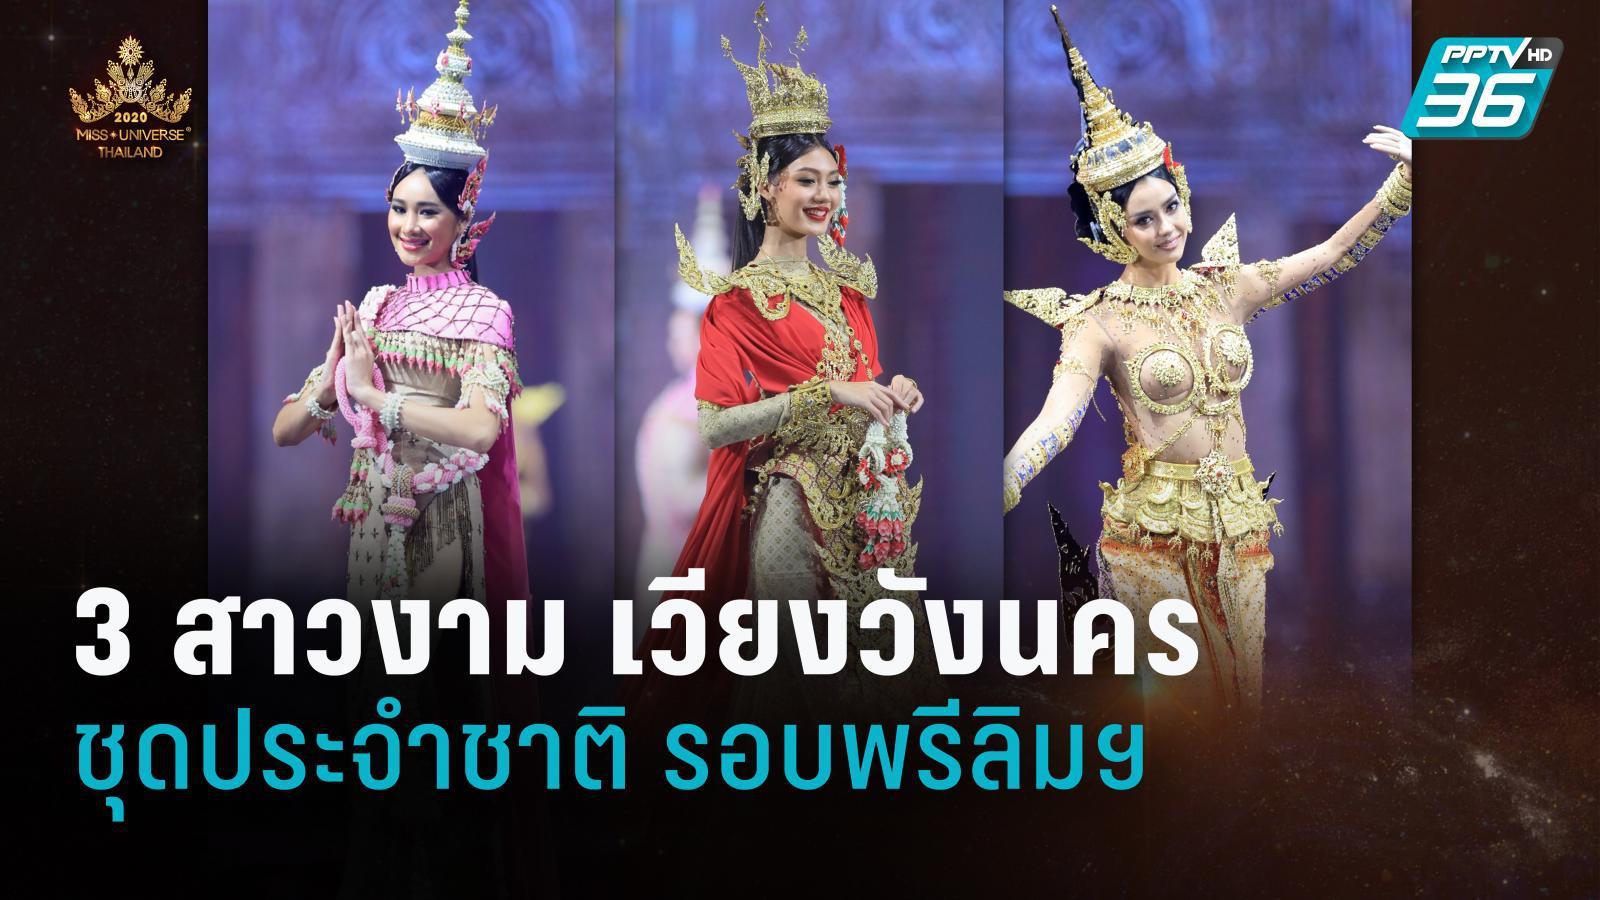 3 สาวงาม เวียงวังนคร | Miss Universe Thailand 2020 | ชุดประจำชาติ รอบพรีลิมฯ